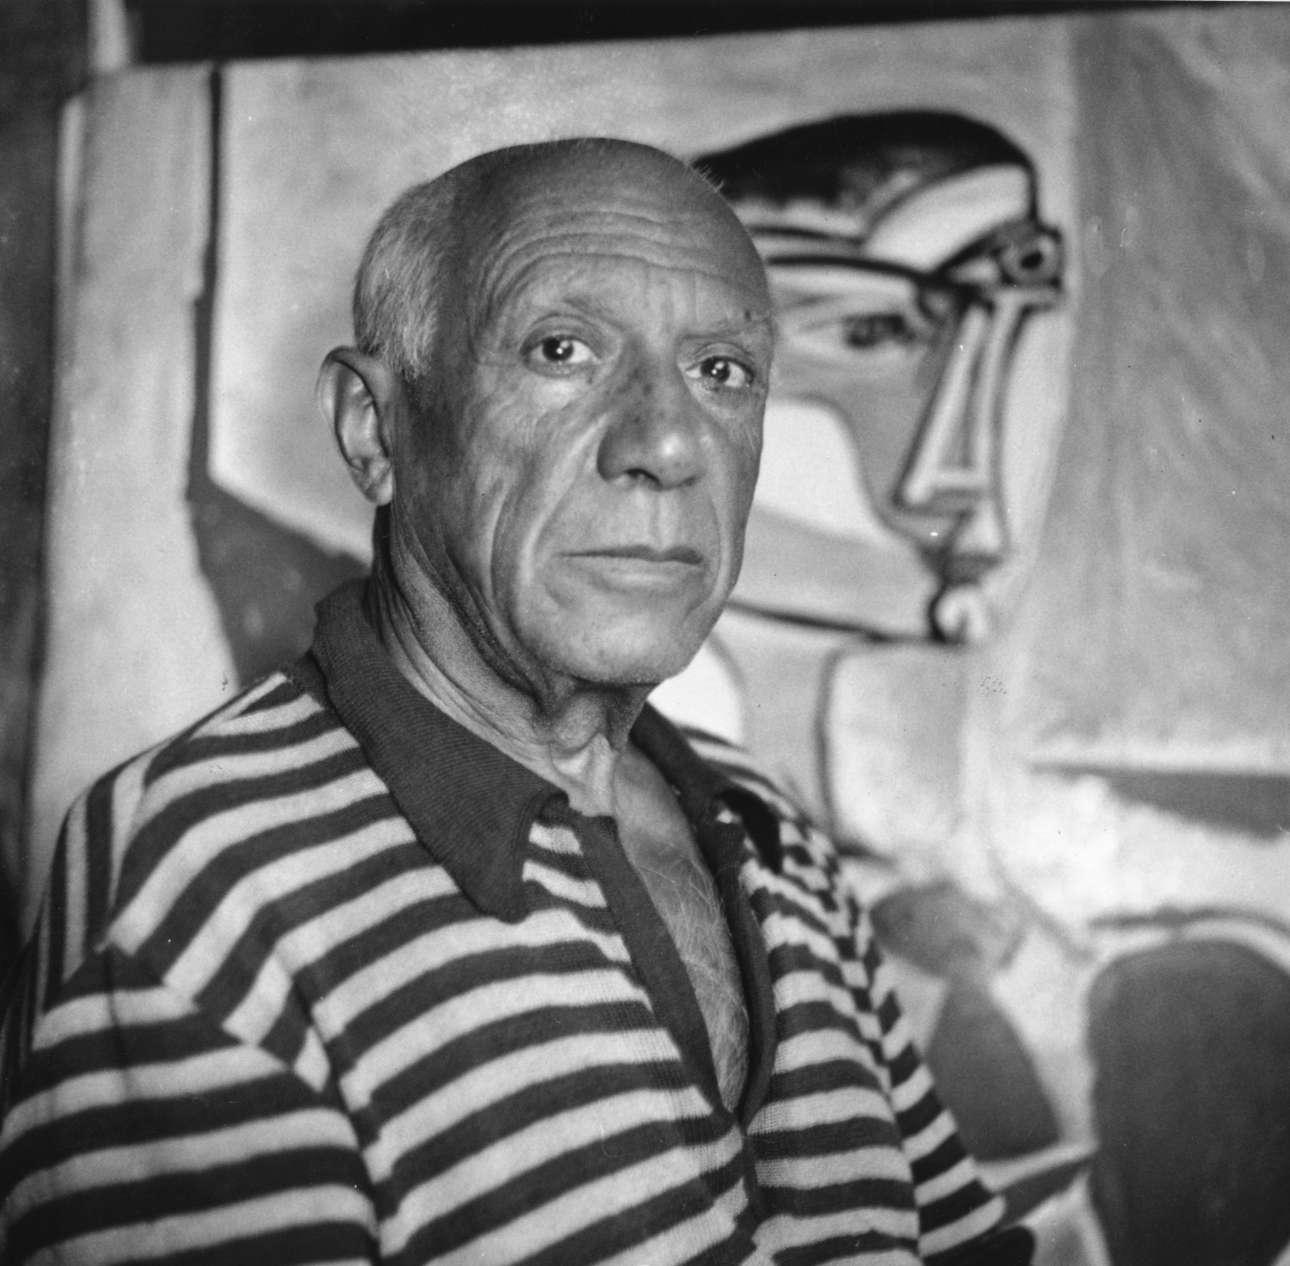 Ποζάροντας μπροστά σε έναν πίνακά του στο σπίτι του στις Κάννες